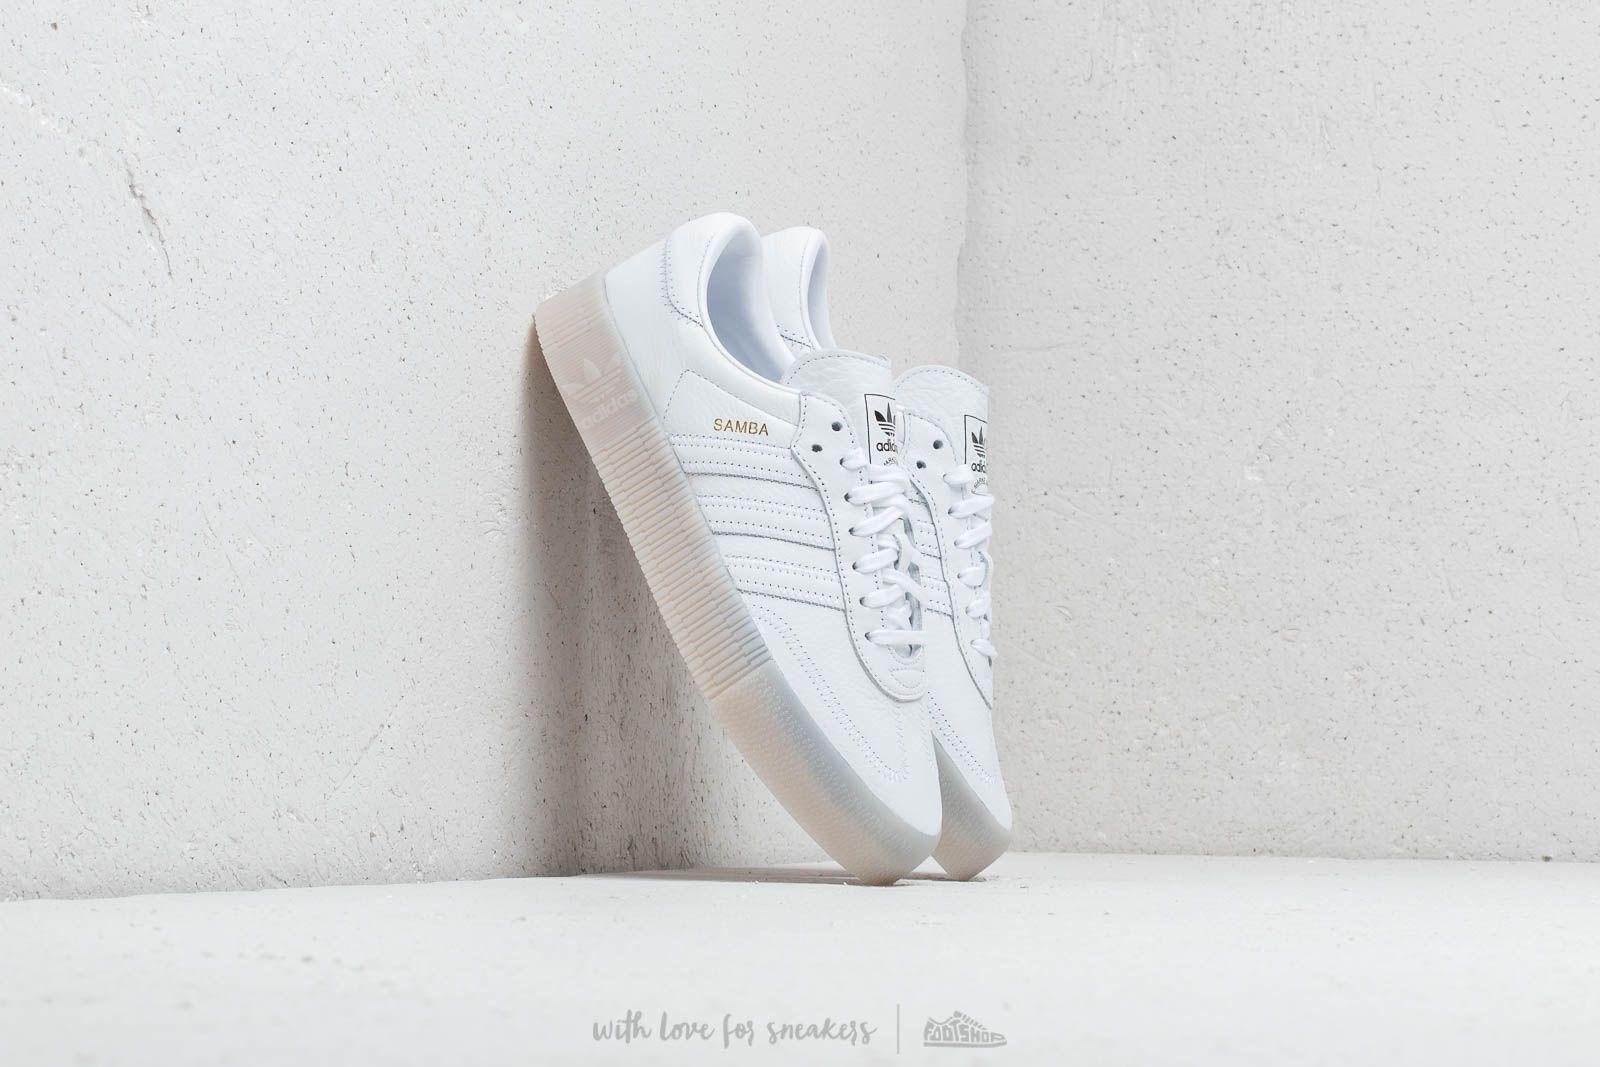 4b84d41076 adidas Sambarose W Ftw White/ Ftw White/ Ftw White | Footshop